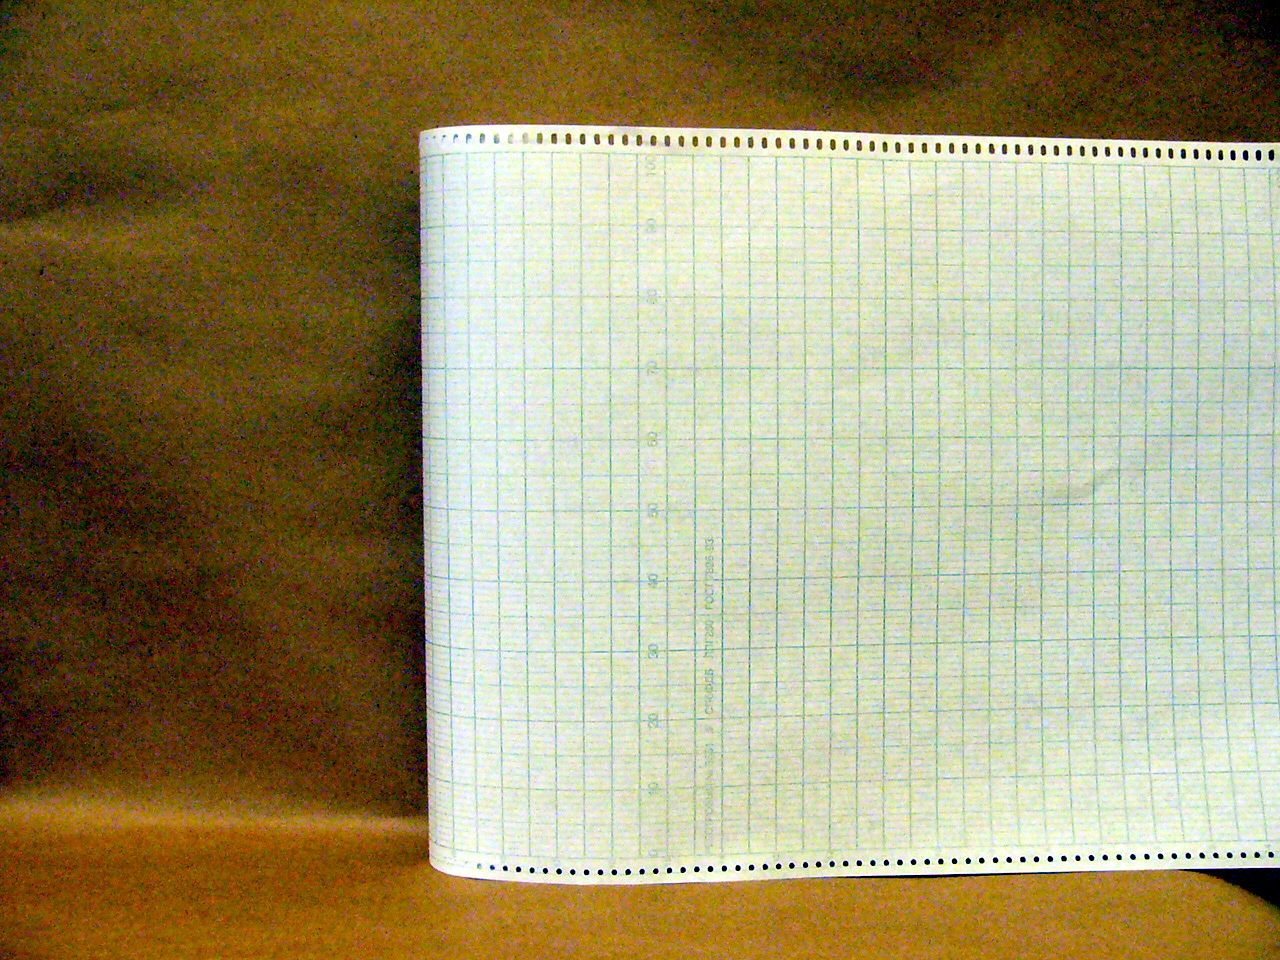 Диаграммная рулонная лента, реестровый № 3561 (40,52 руб/кв.м)